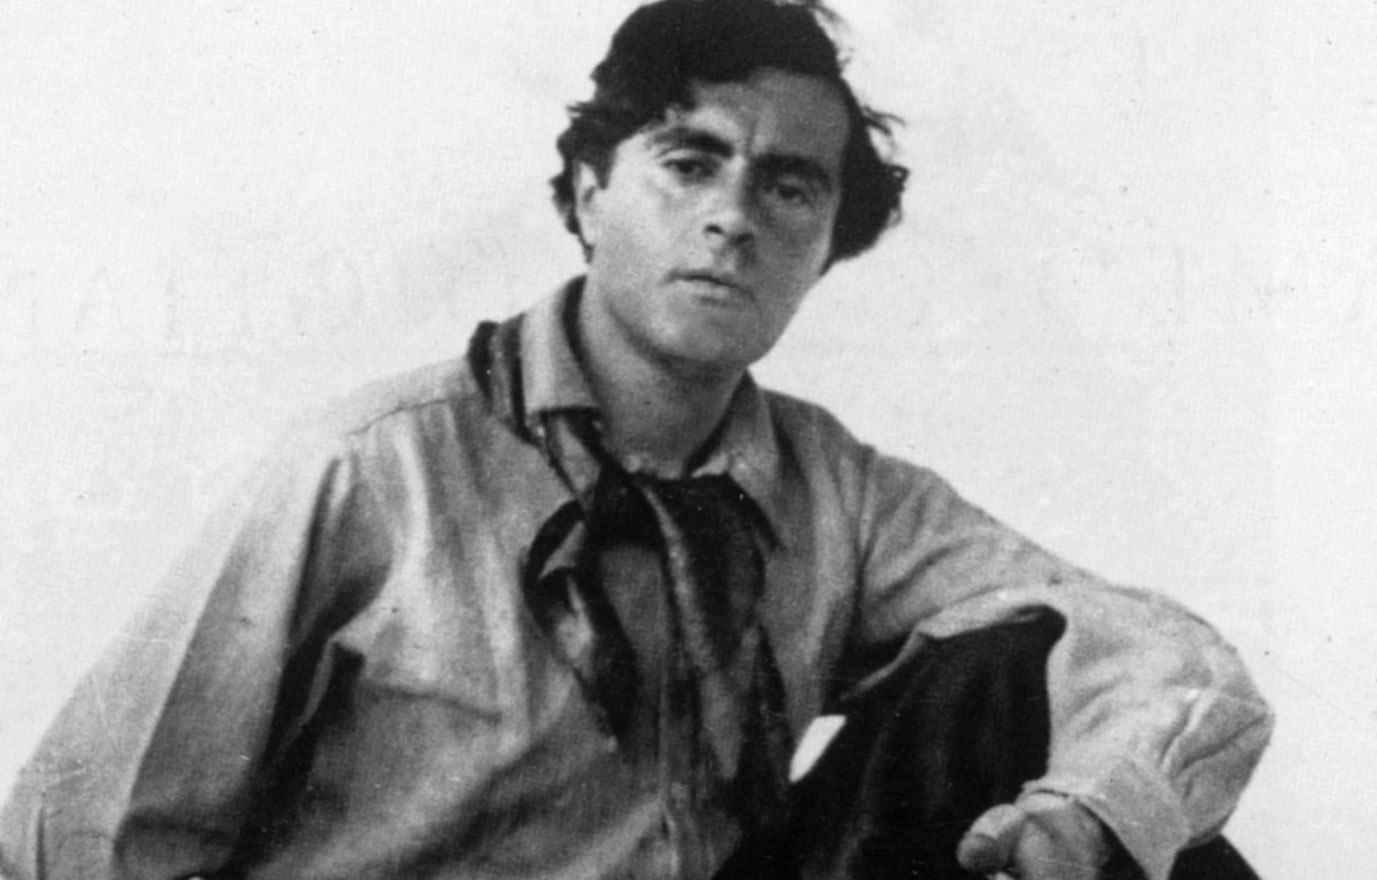 C'è un patrimonio di 6.000 documenti su Modigliani, ma non si sa di chi sono: forse dello Stato